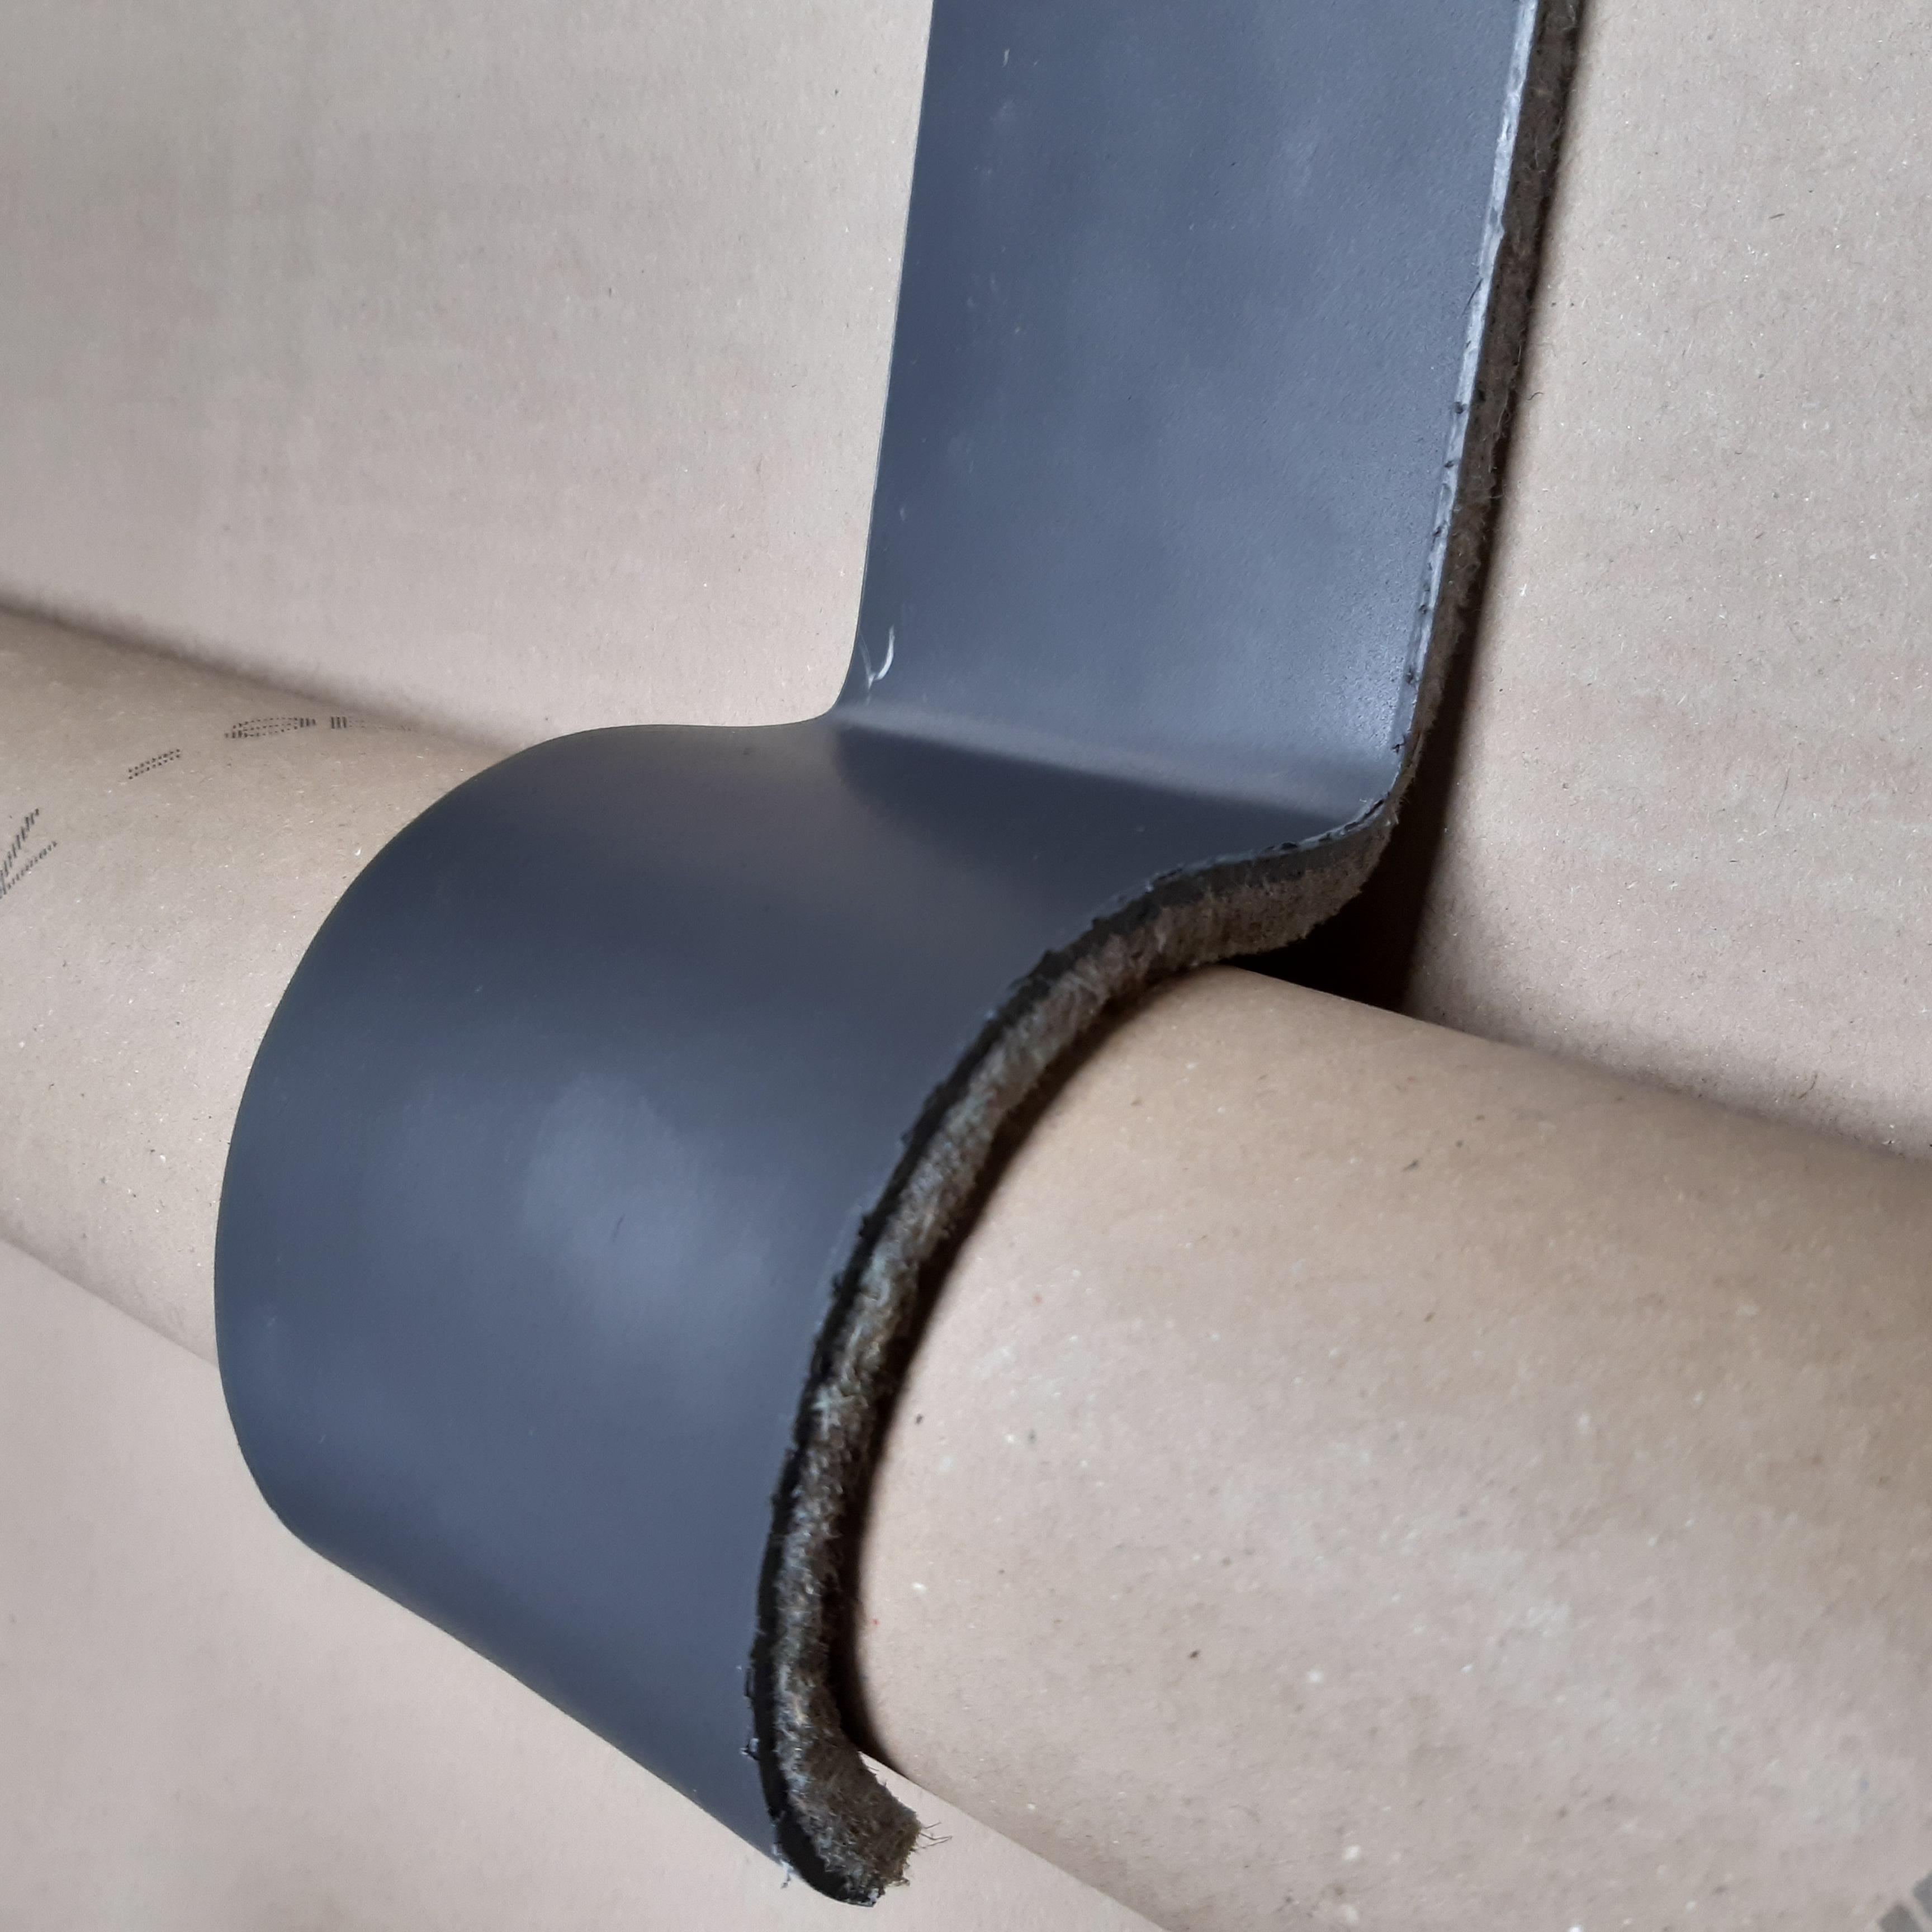 (15) XXLBodengruppen Matte verformbar ca. 115 x 95 cm Stärke: ca 9mm